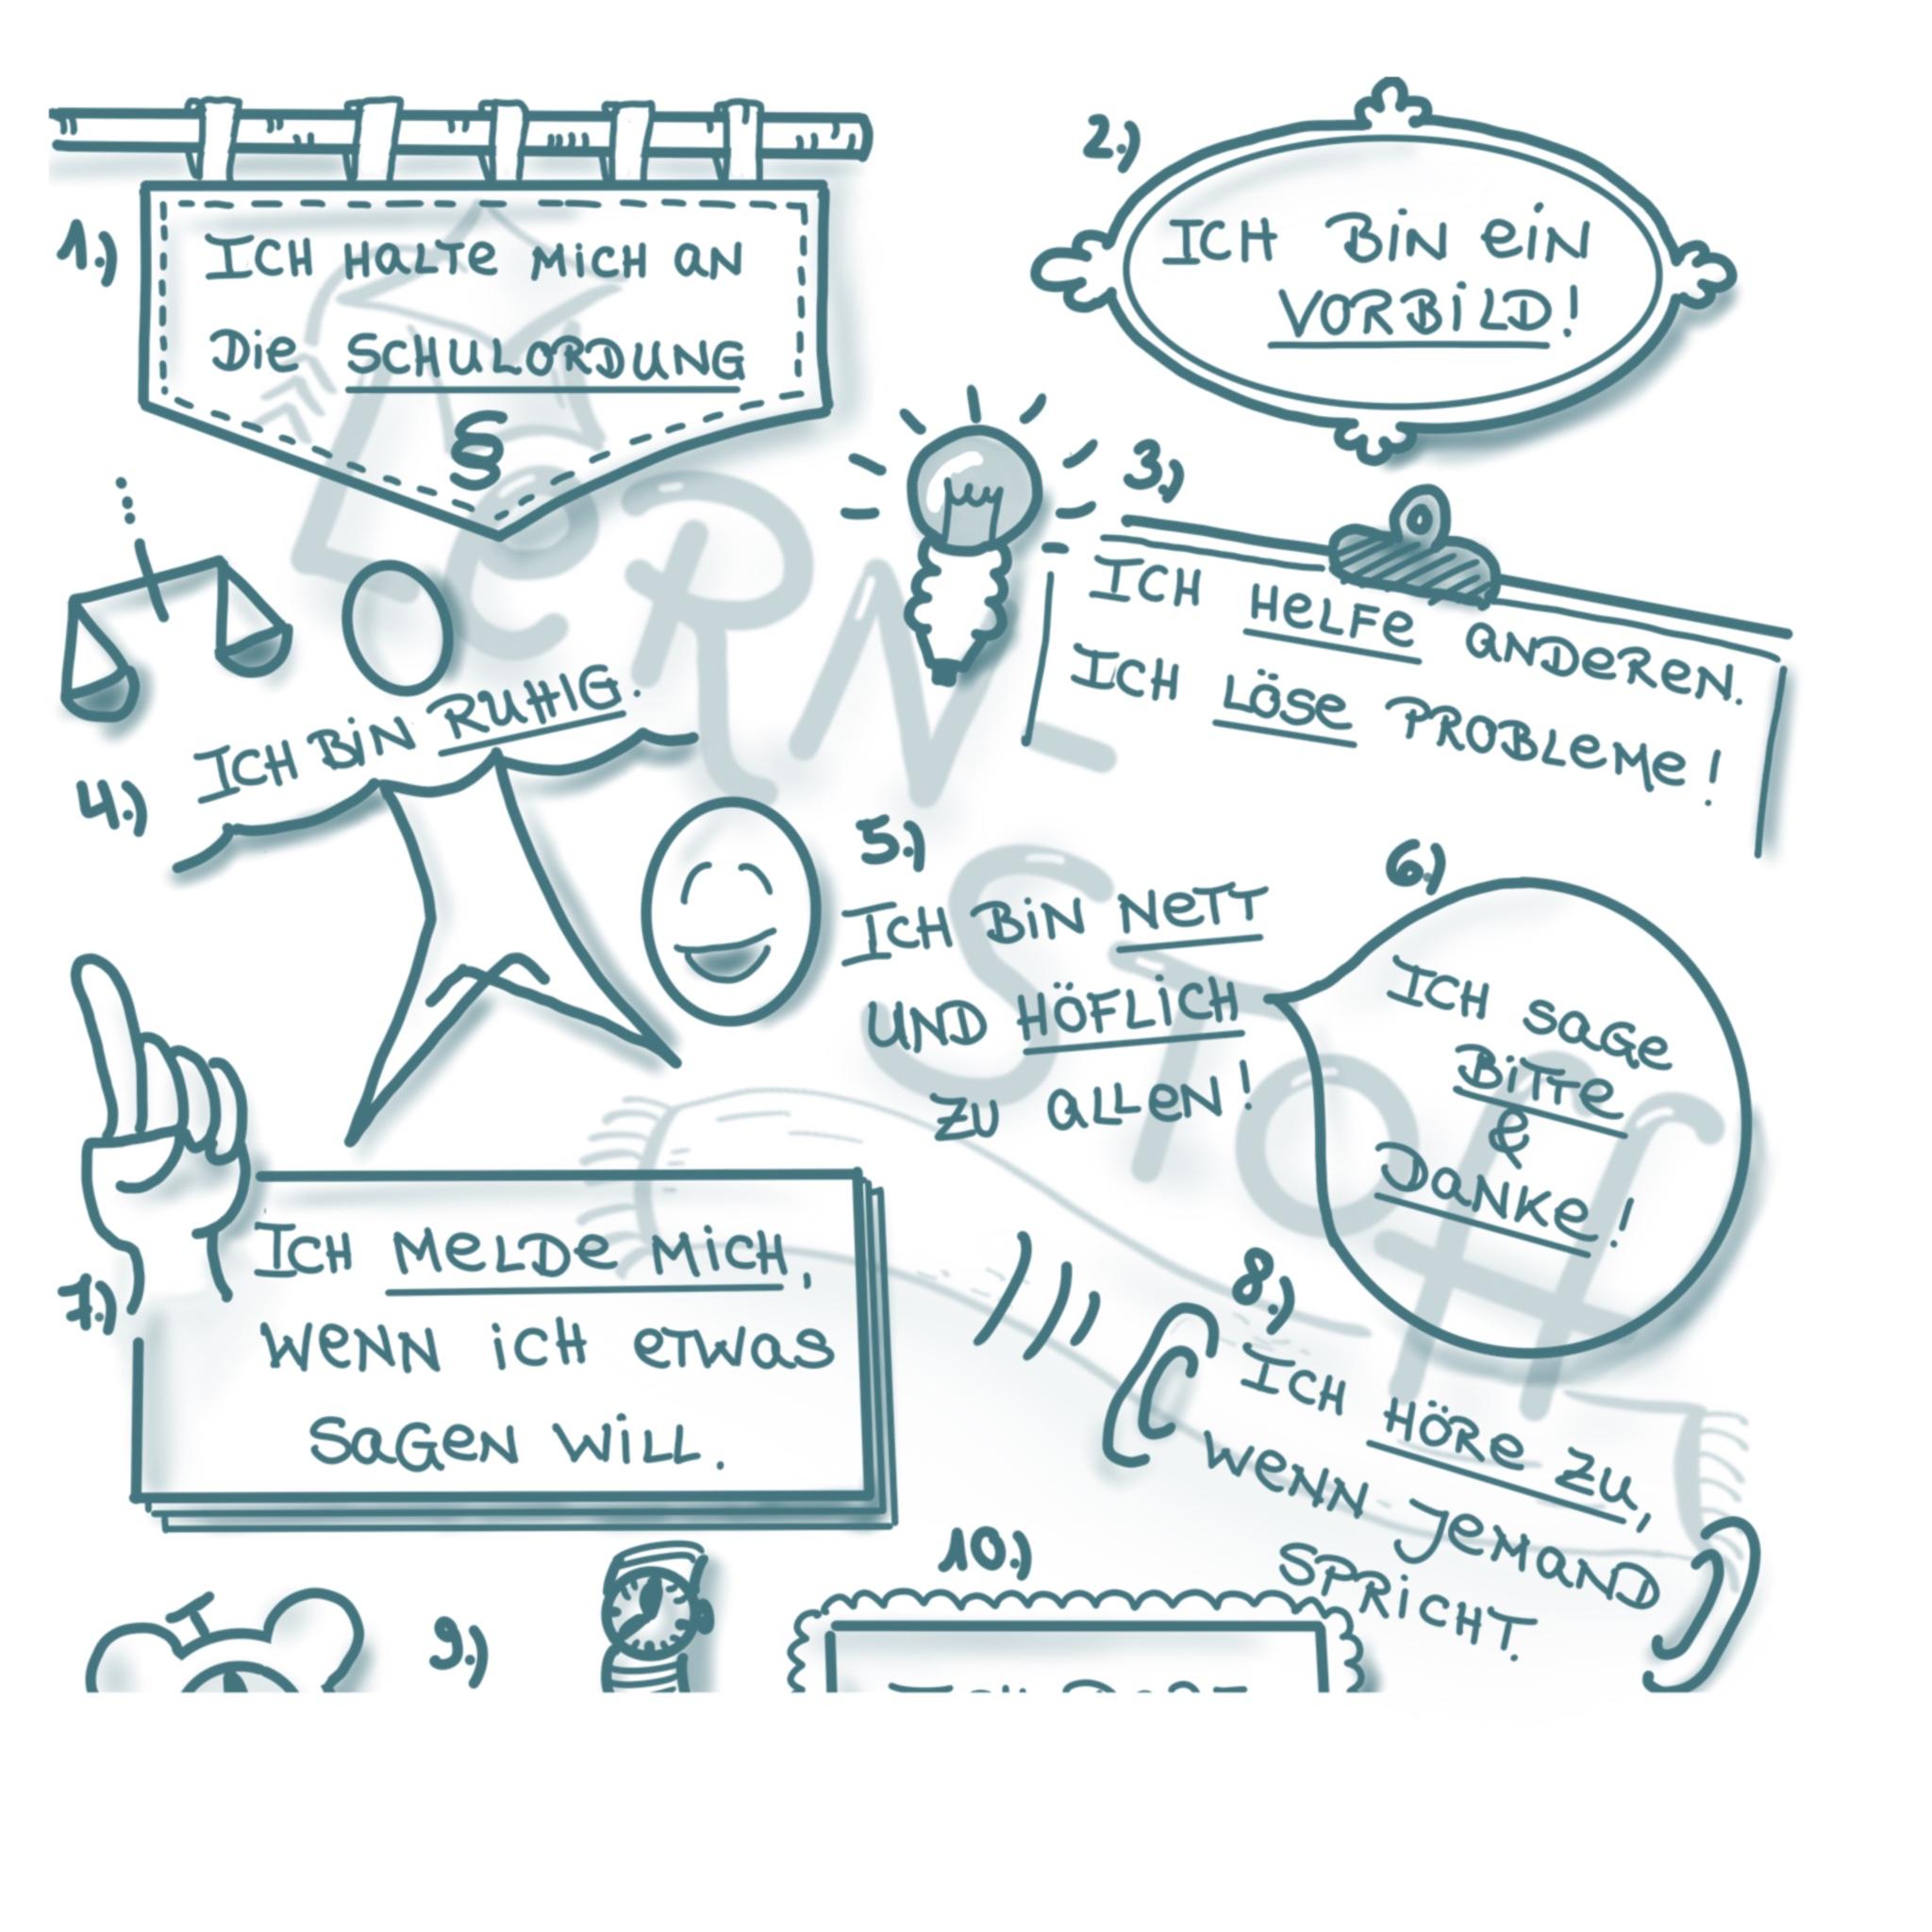 Mit Hilfe von Sketchnotes die Klassenregeln visualisieren!